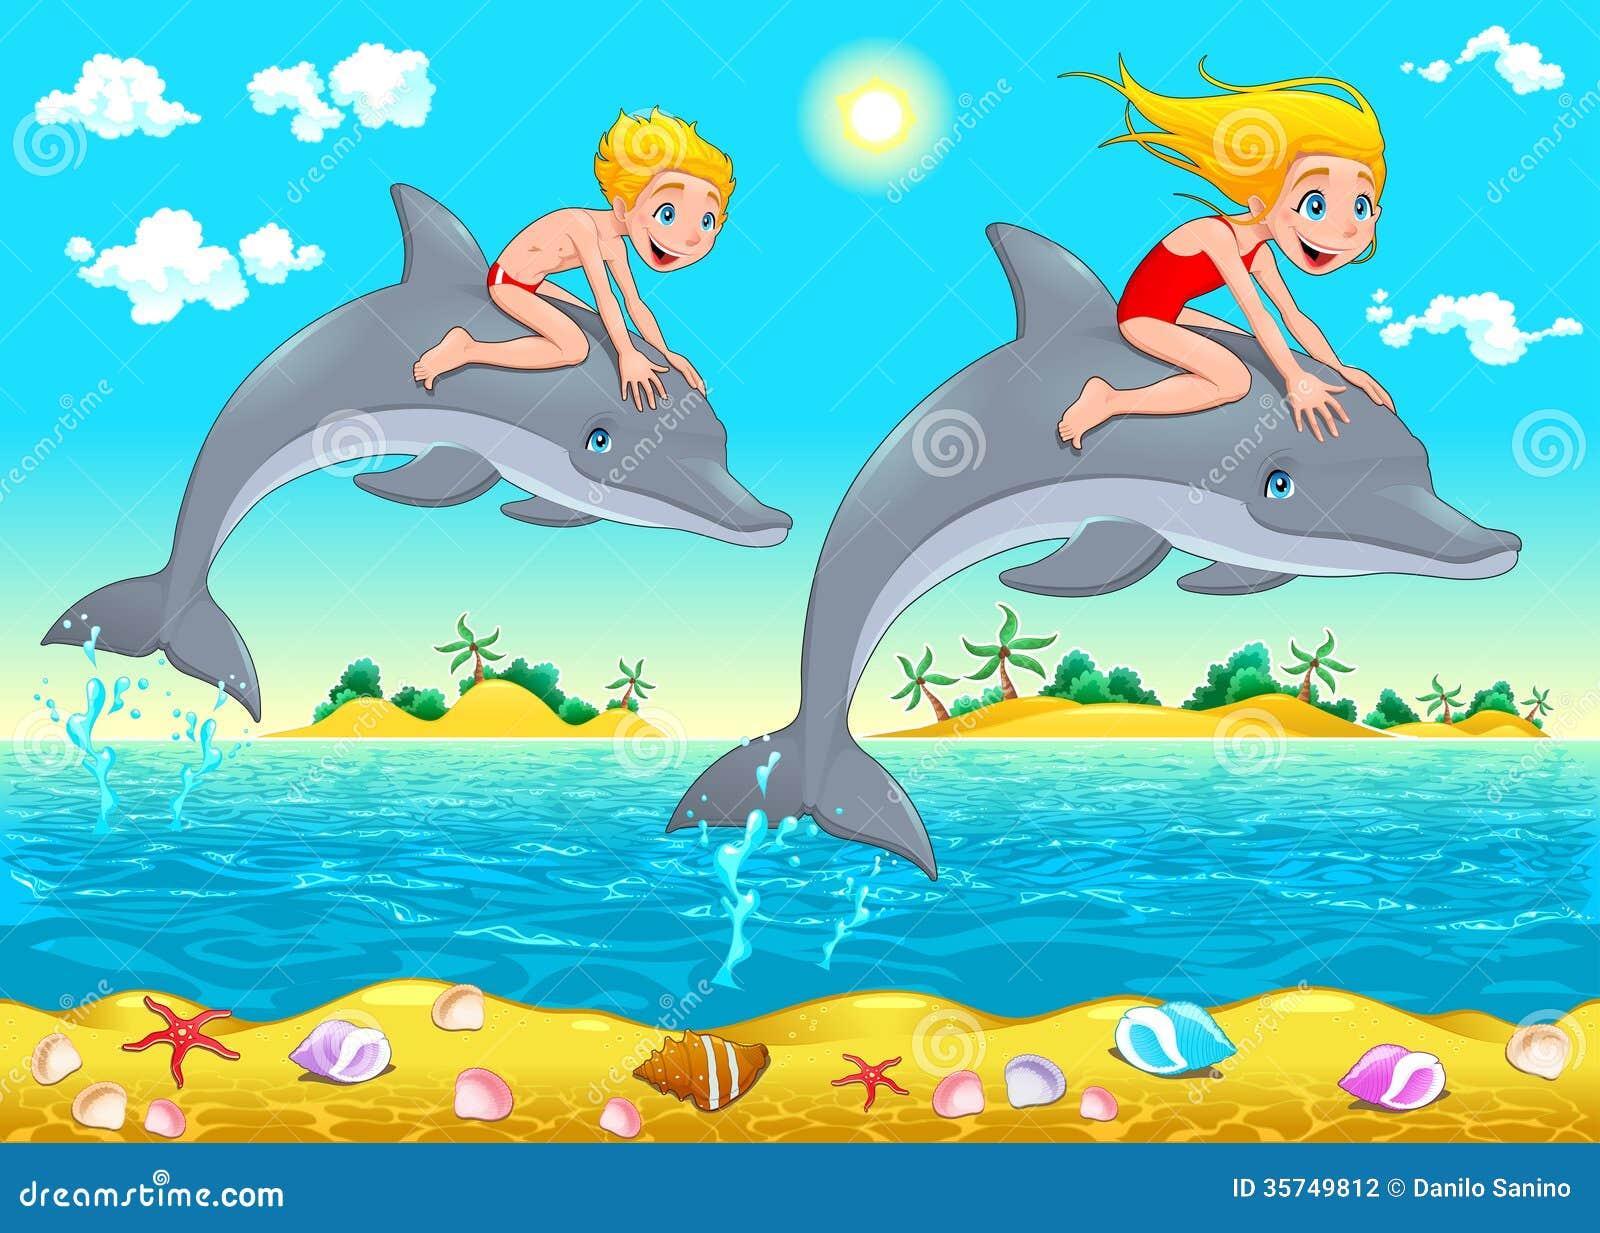 Αγόρι, κορίτσι και δελφίνι στη θάλασσα.